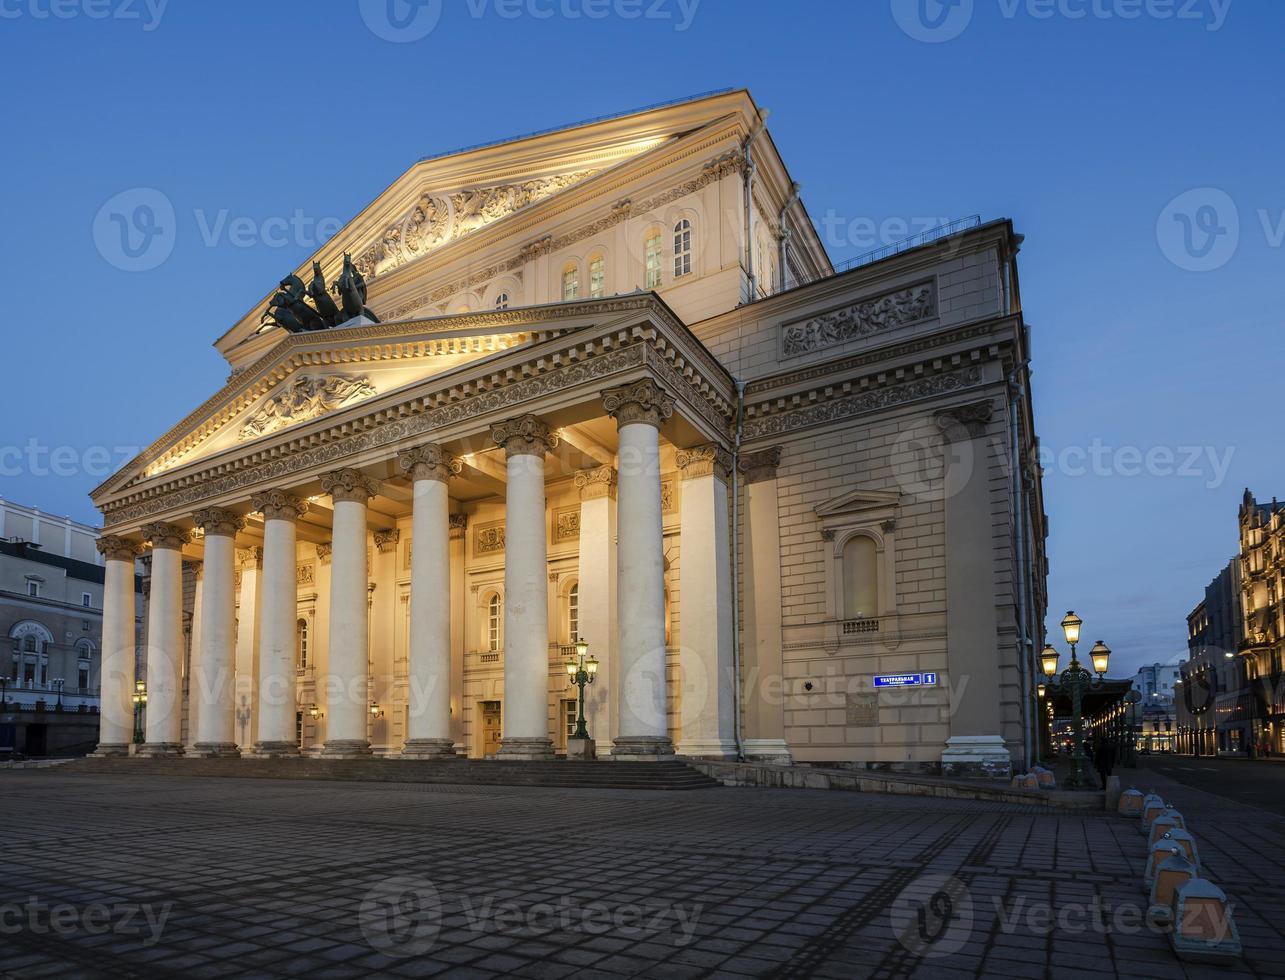 das Gebäude des Bolschoi-Theaters in Moskau bei Nacht. foto